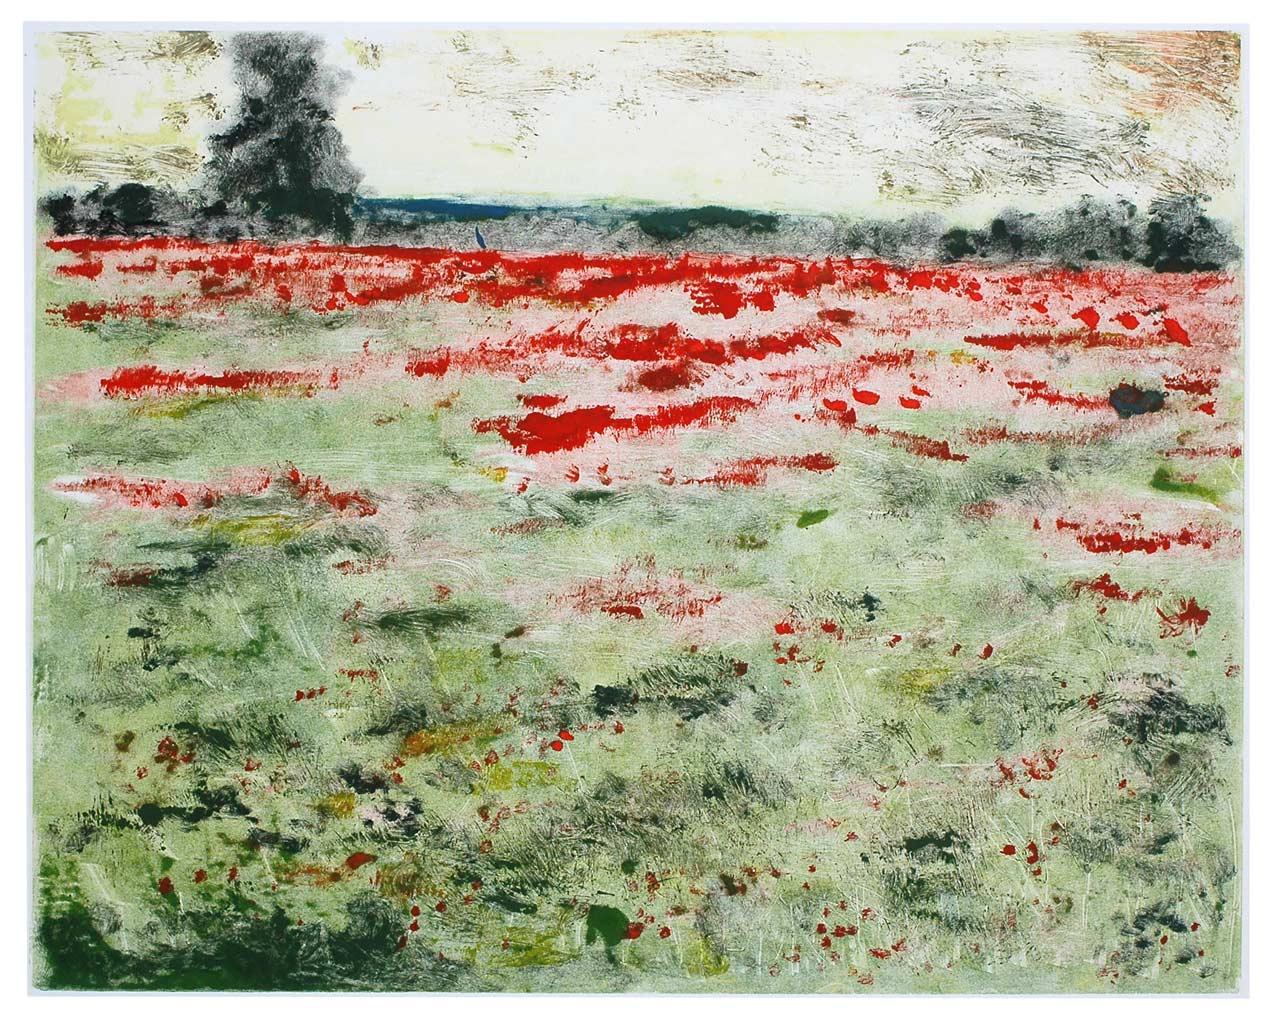 Scarlet Harvest